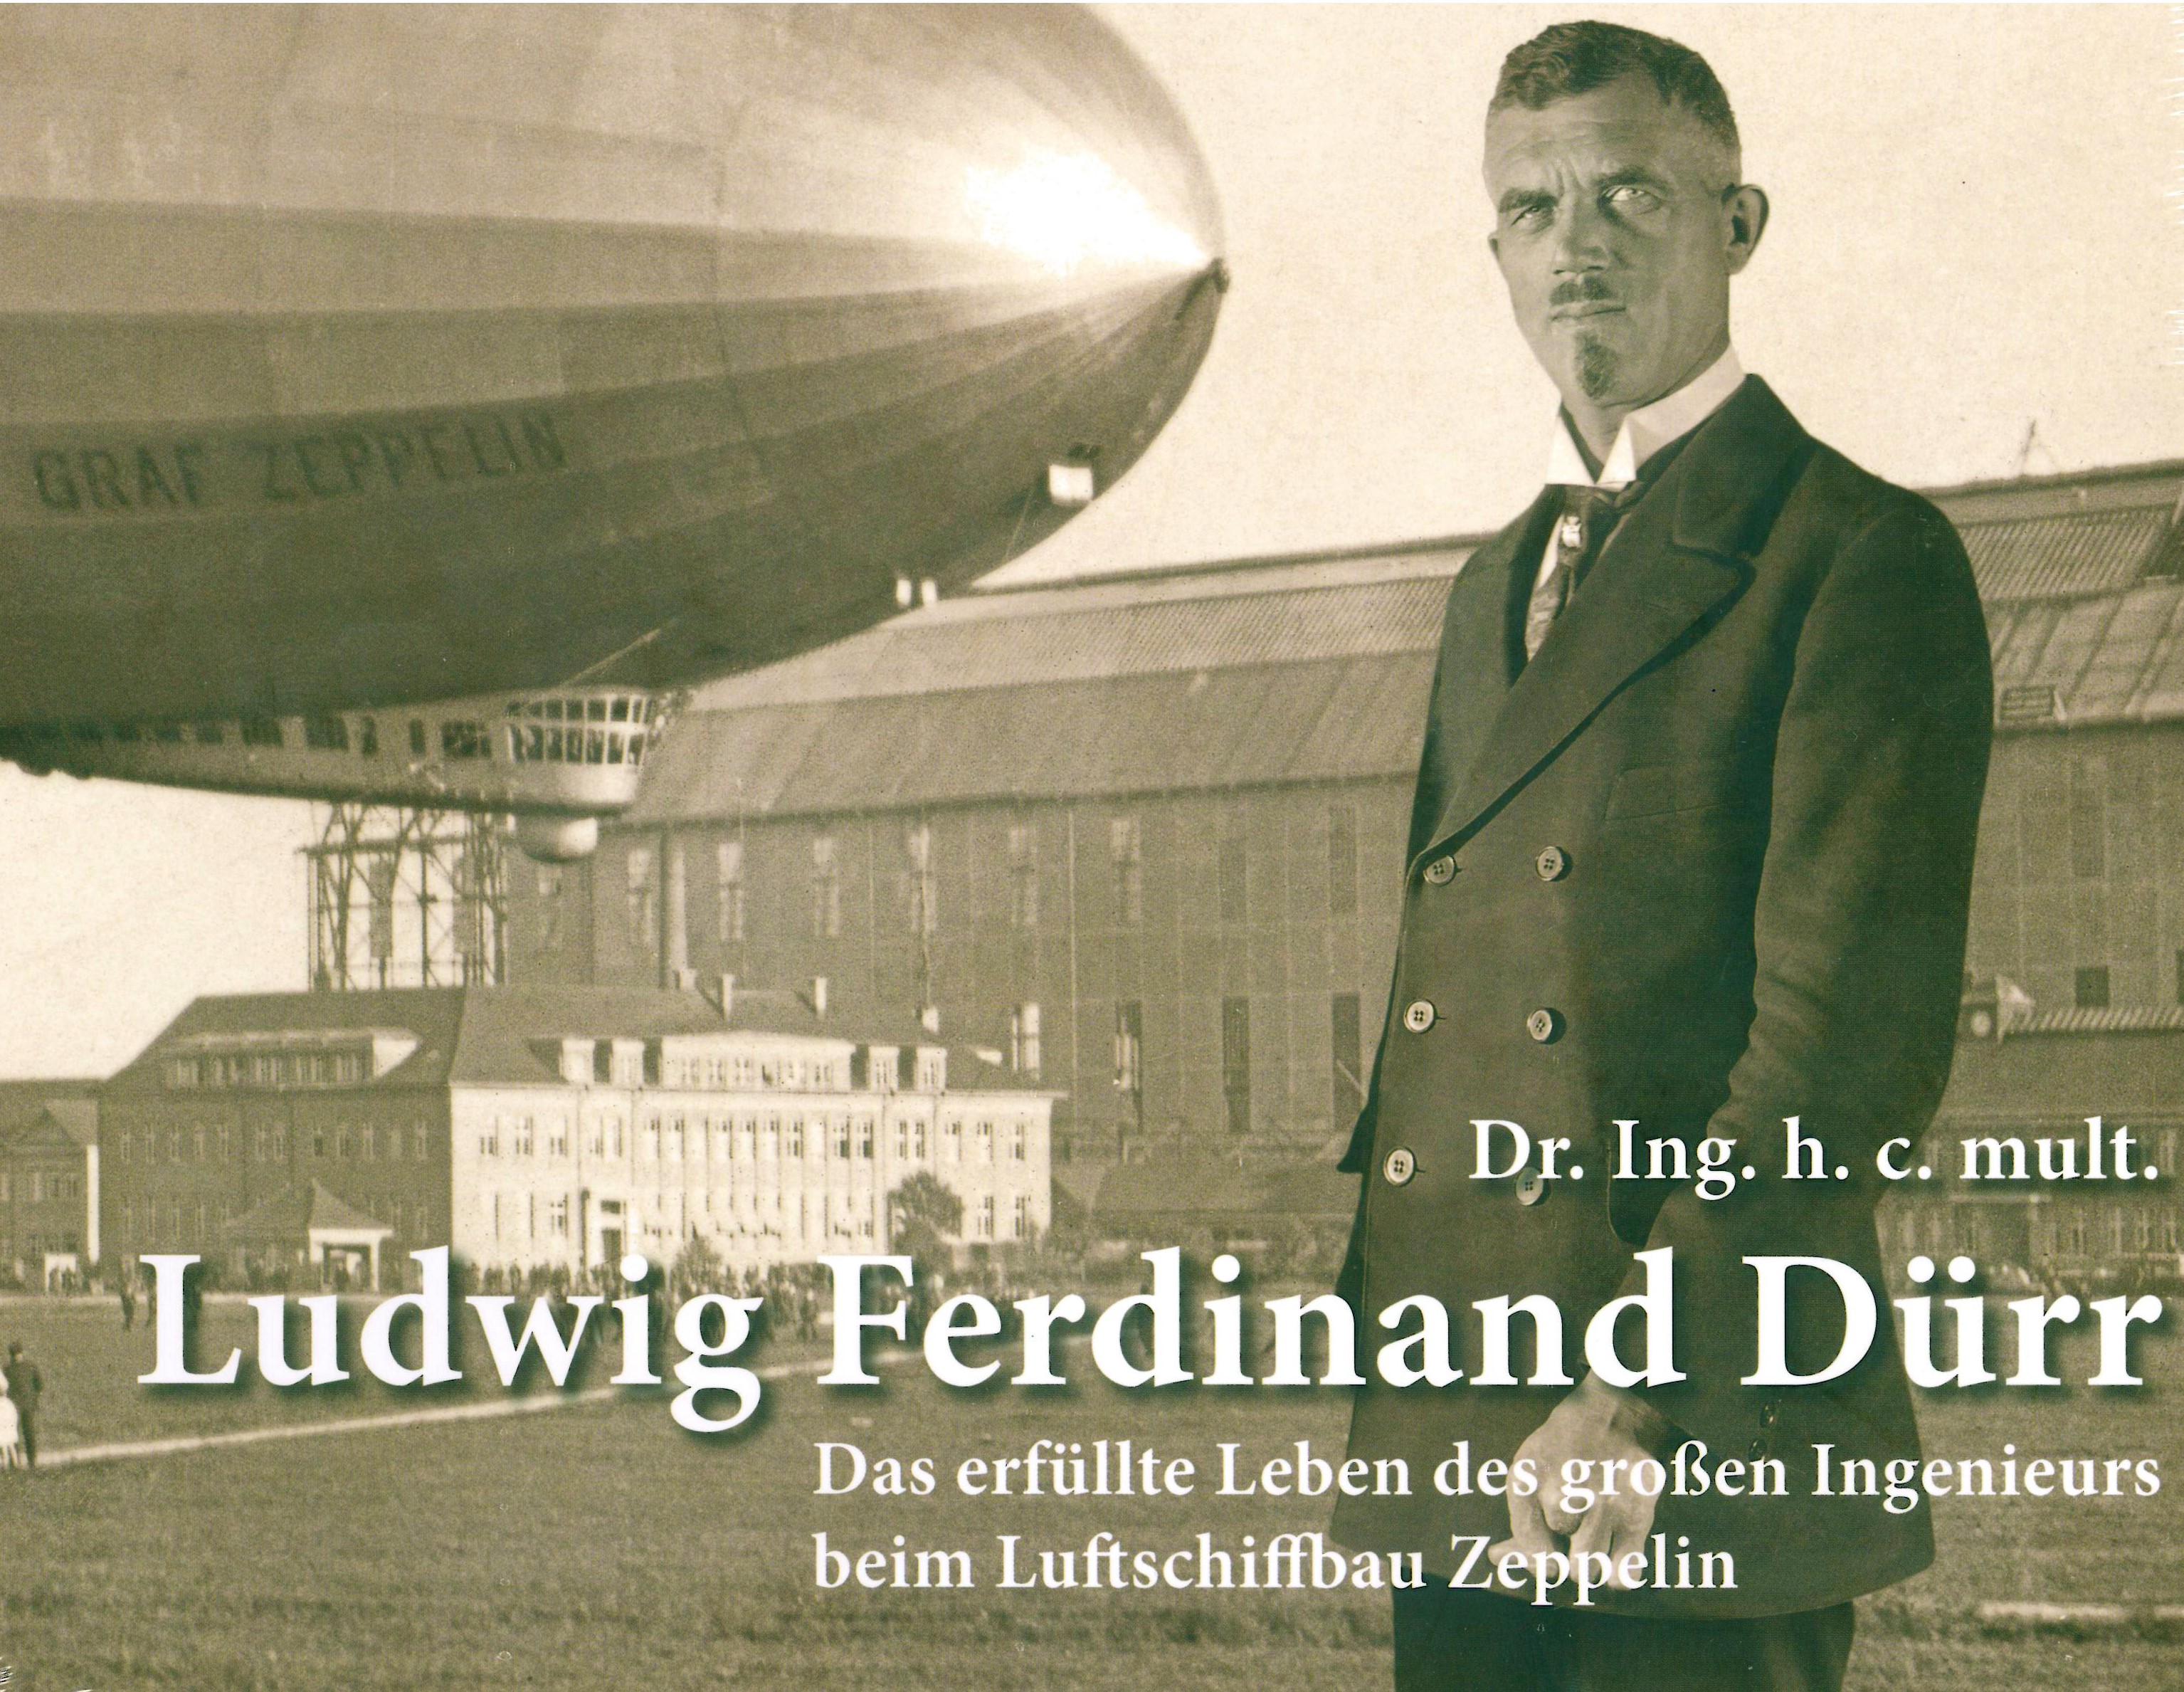 Ludwig Ferdinand Dürr - Das erfüllte Leben des großen Ingenieurs beim Luftschiffbau Zeppelin